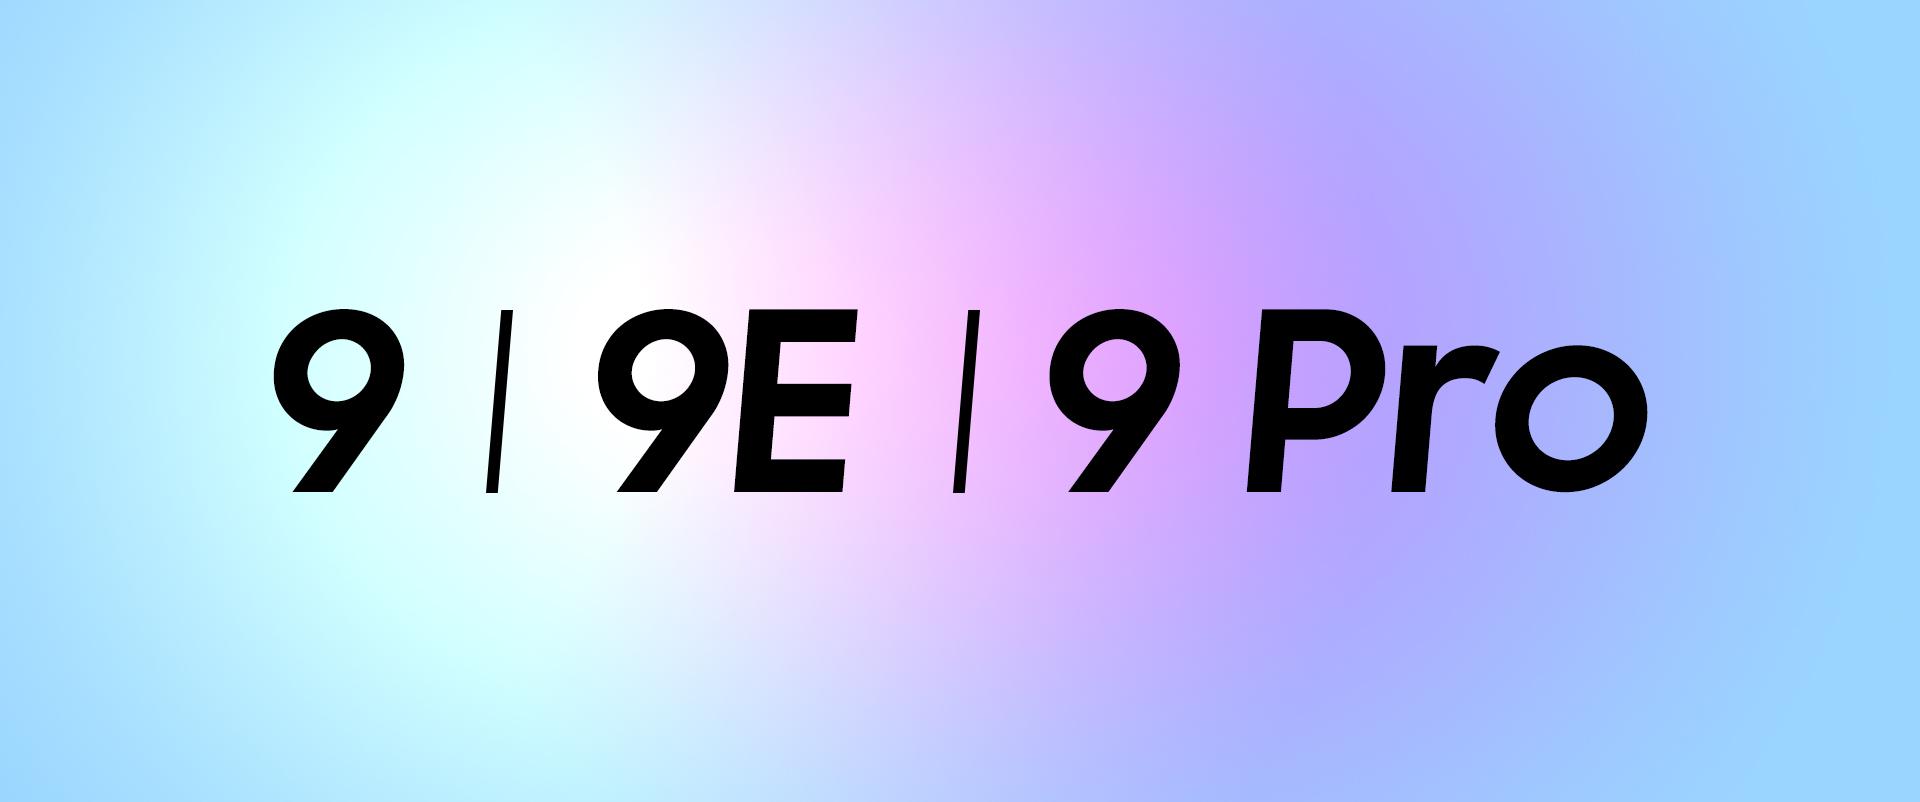 OnePlus 9E OnePlus 9 Pro